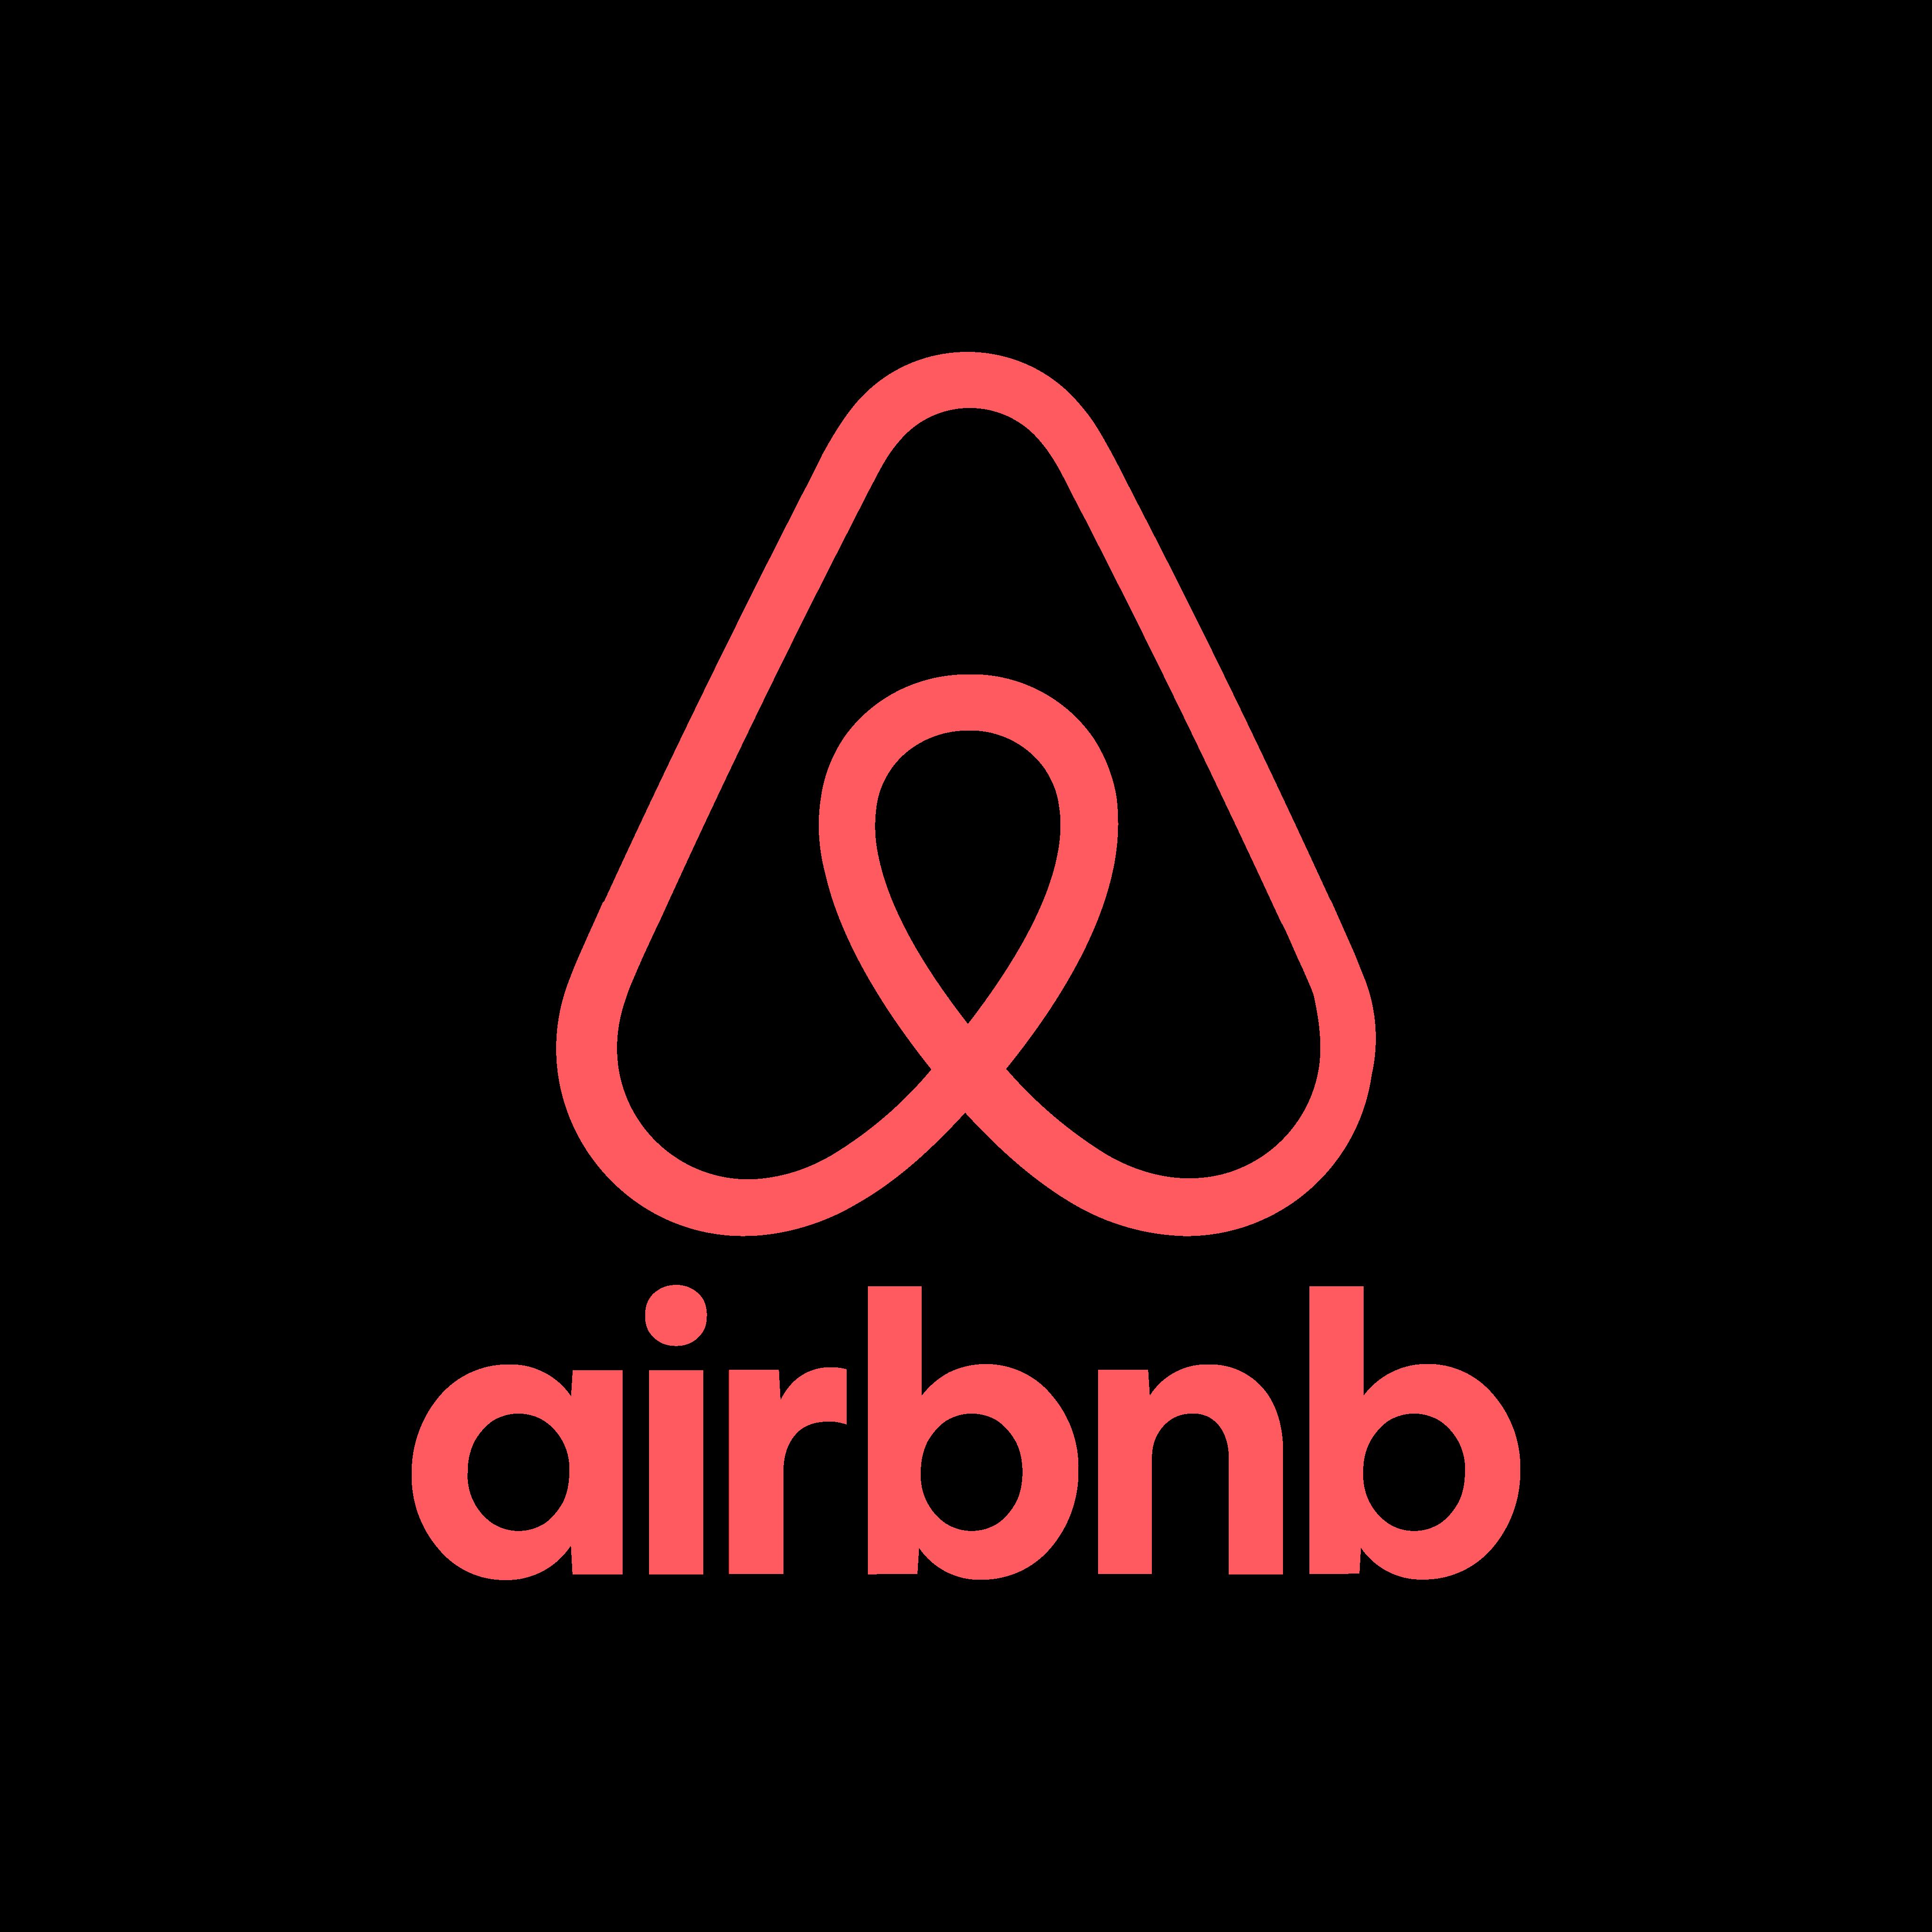 airbnb logo 0 - Airbnb Logo